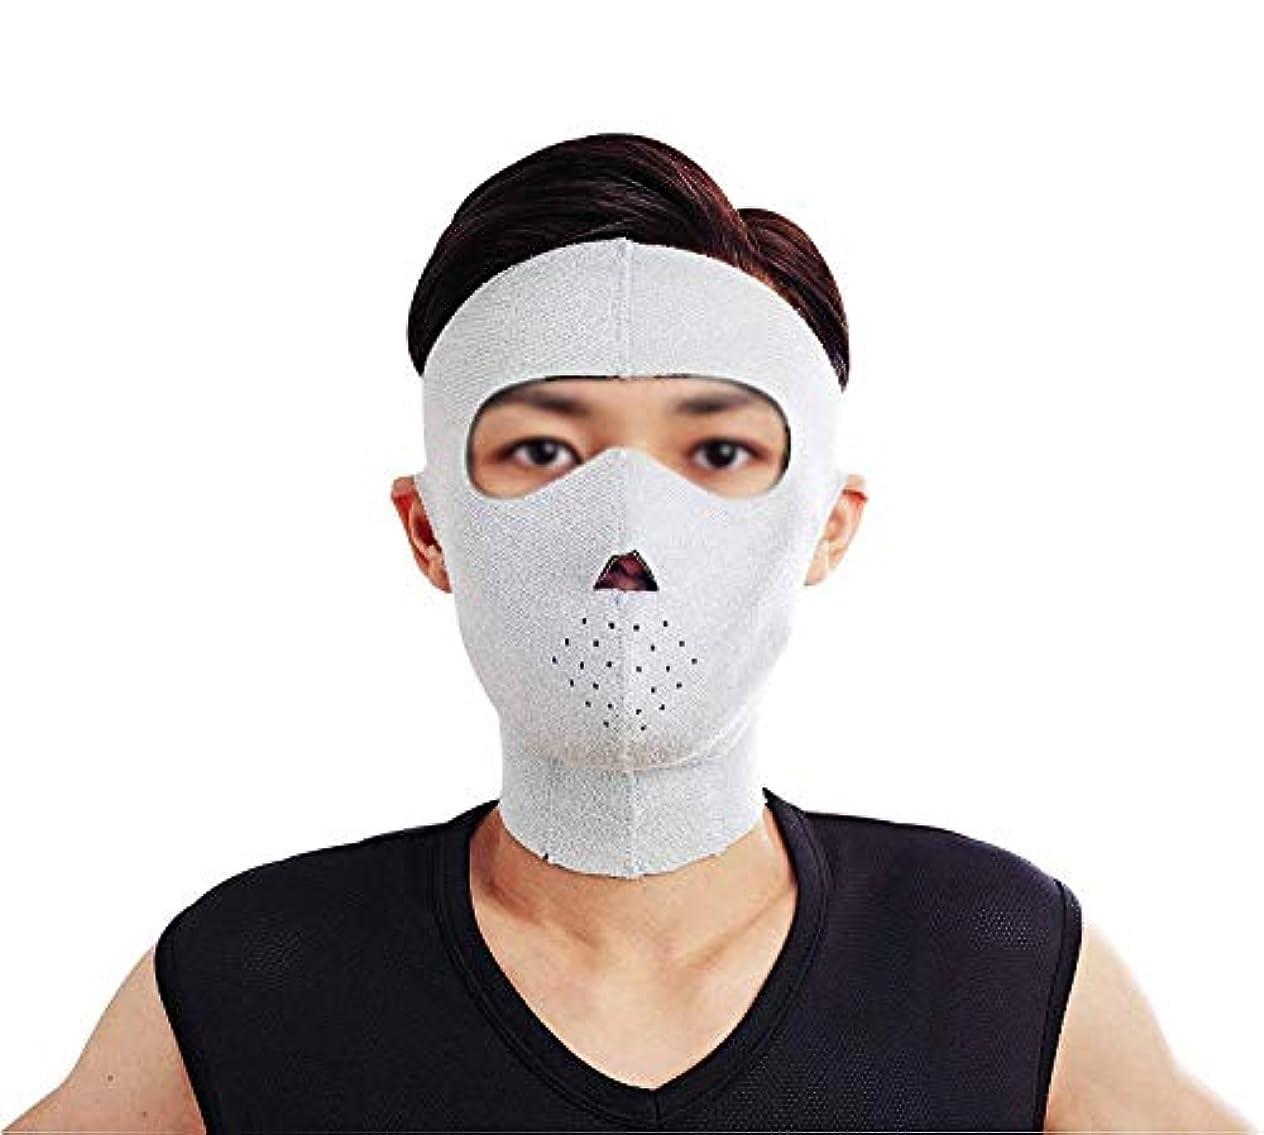 控えるなぜなら退化するフェイスリフトマスク、フェイシャルマスクプラス薄いフェイスマスクタイトなたるみの薄いフェイスマスクフェイシャル薄いフェイスマスクアーティファクトビューティー男性ネックストラップ付き